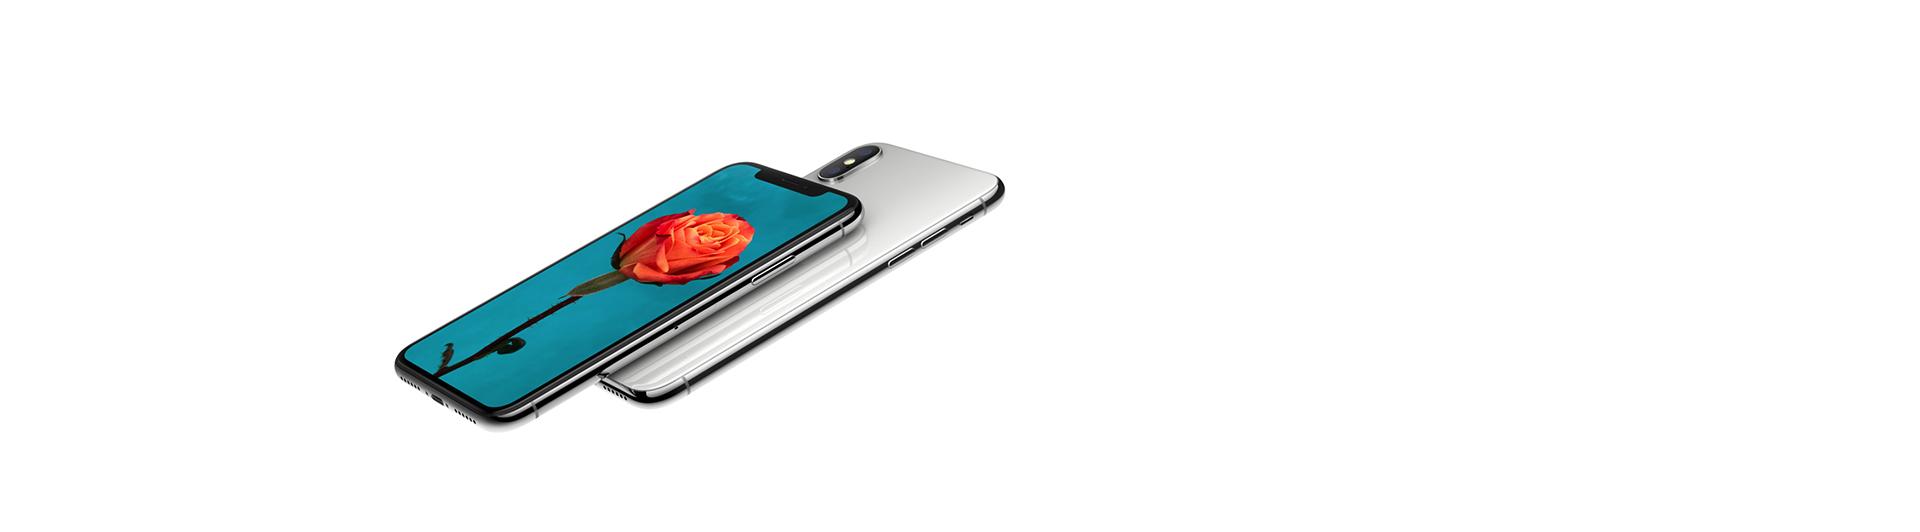 Điện thoại di động iPhone X 256GB Silver giá tốt tại Nguyễn Kim